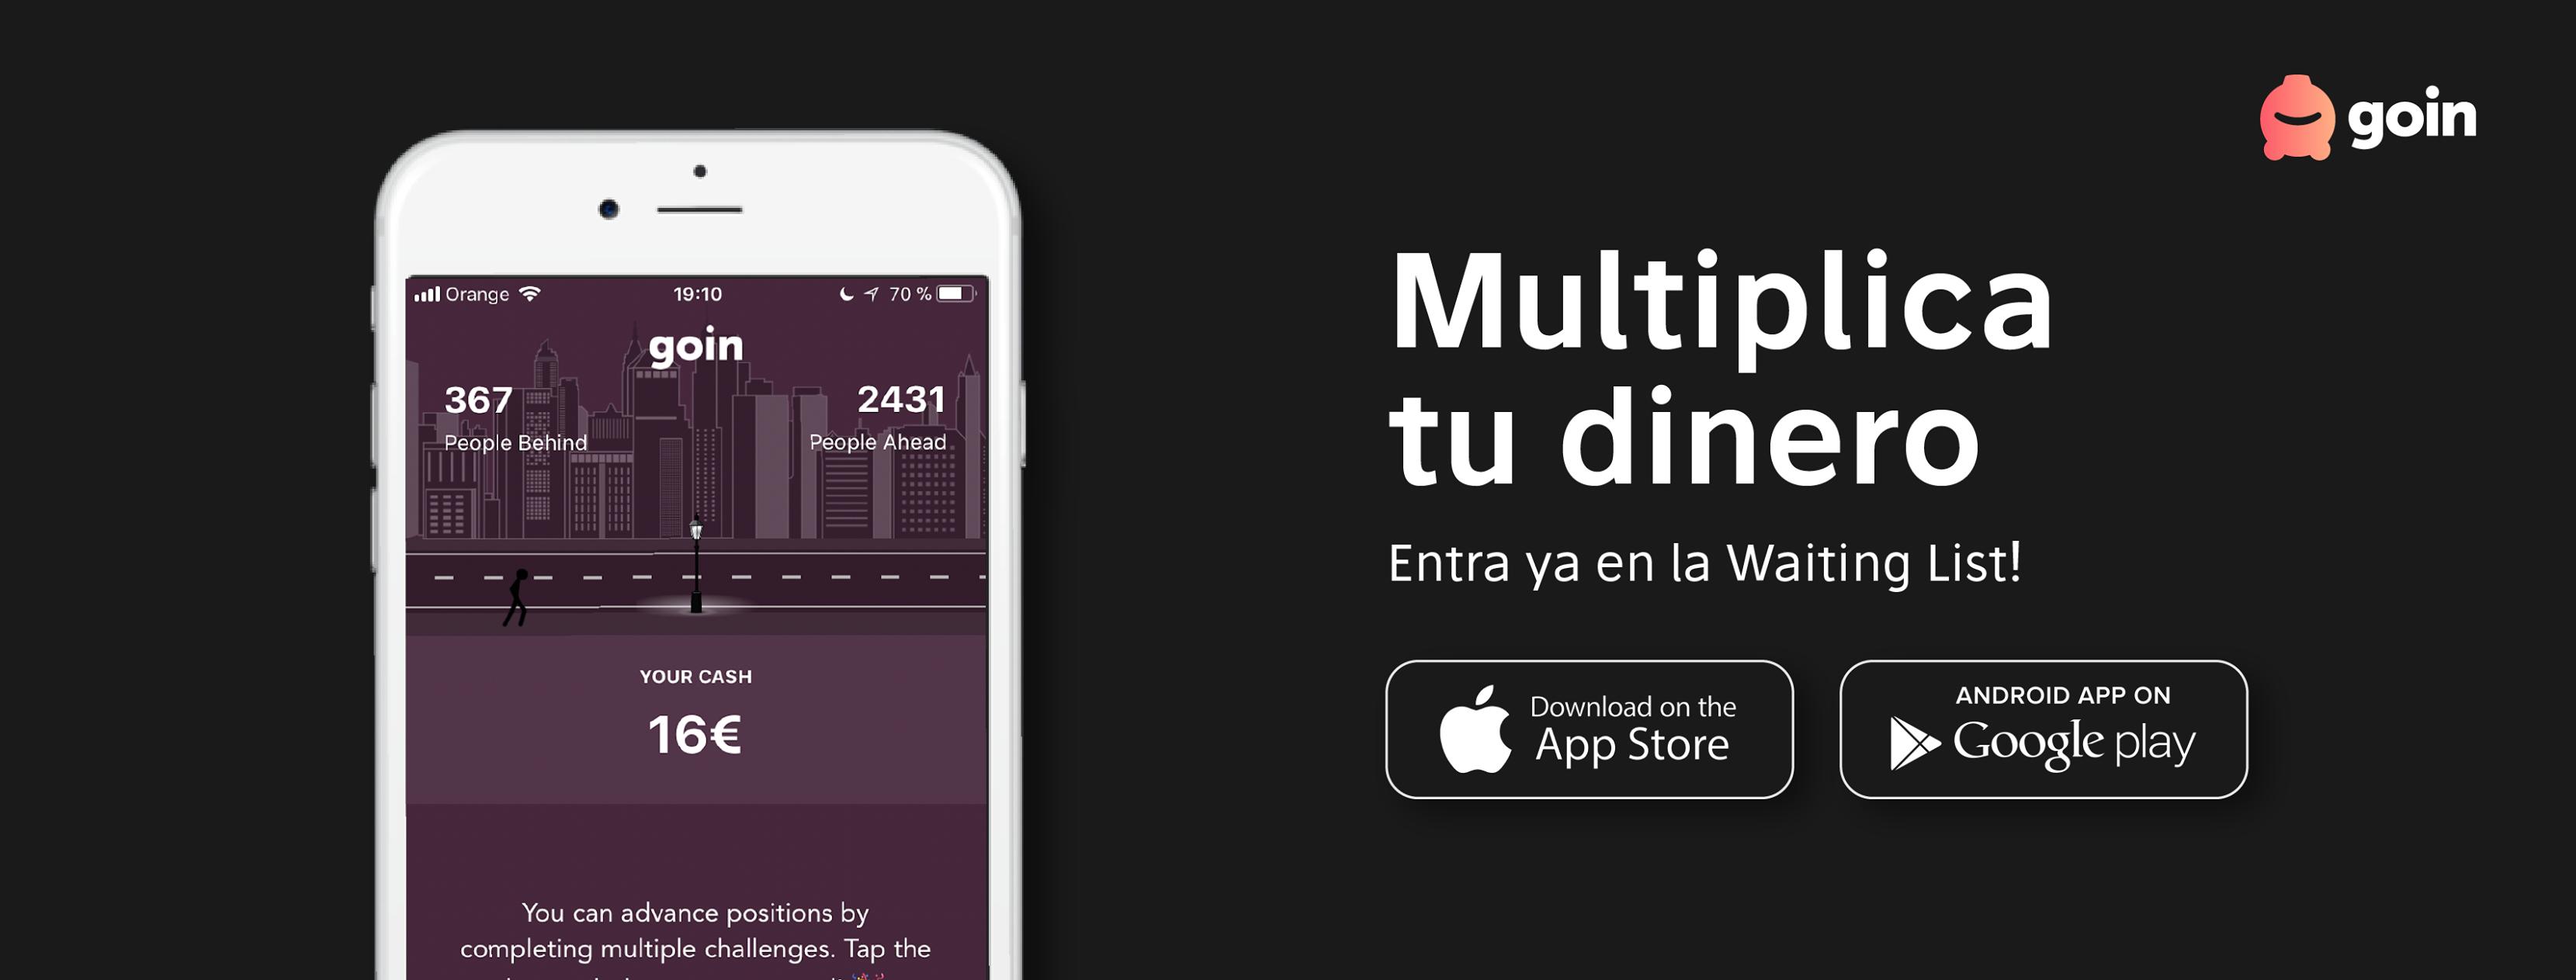 goin, una app para obtener el máximo rendimiento del dinero sin conocimientos de finanzas